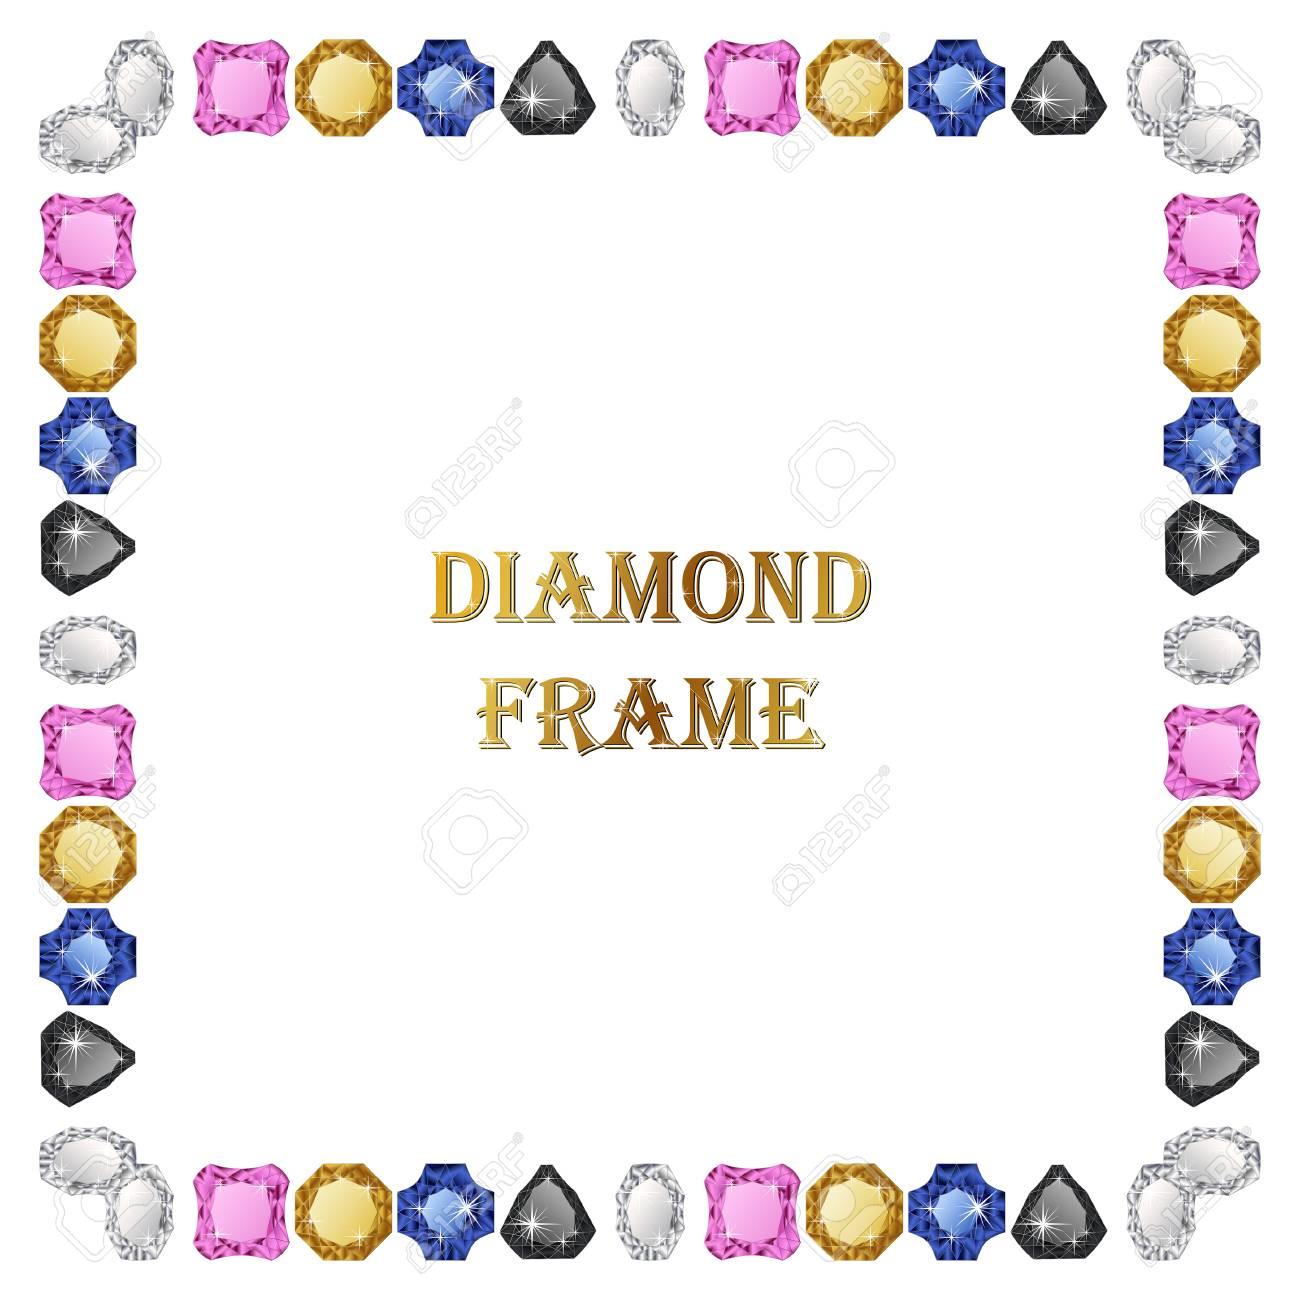 Los Diamantes Marco Cuadrado. Ilustración Vectorial Joyería. Vector ...